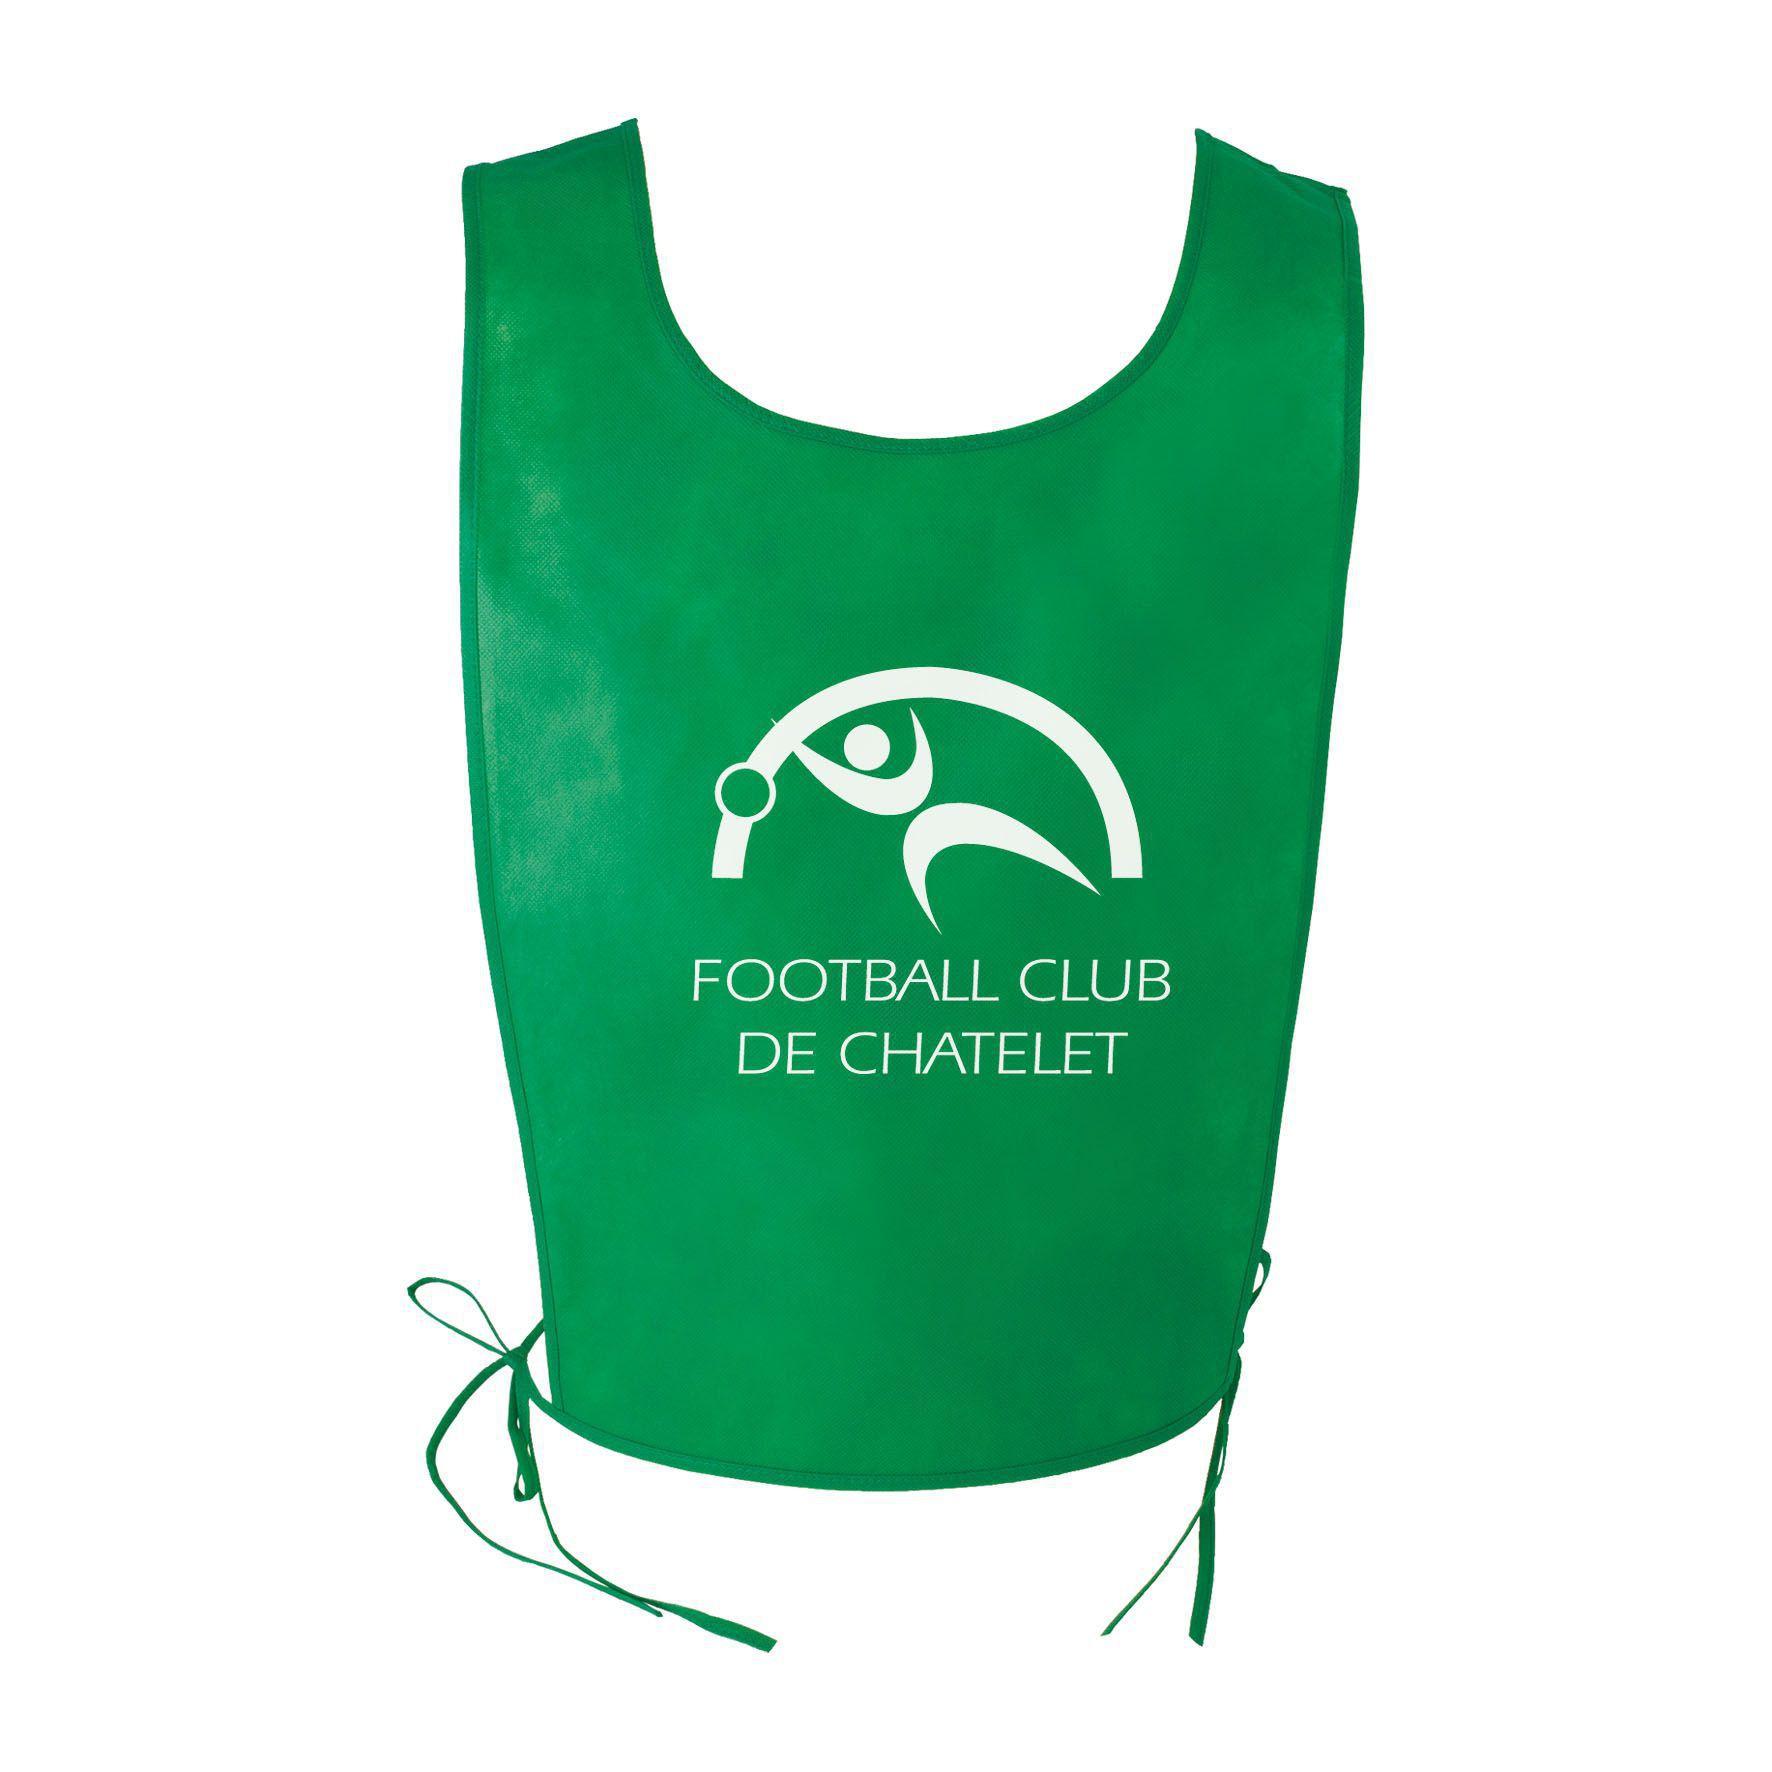 Objet publicitaire sport - Chasuble publicitaire sport Athlé - vert